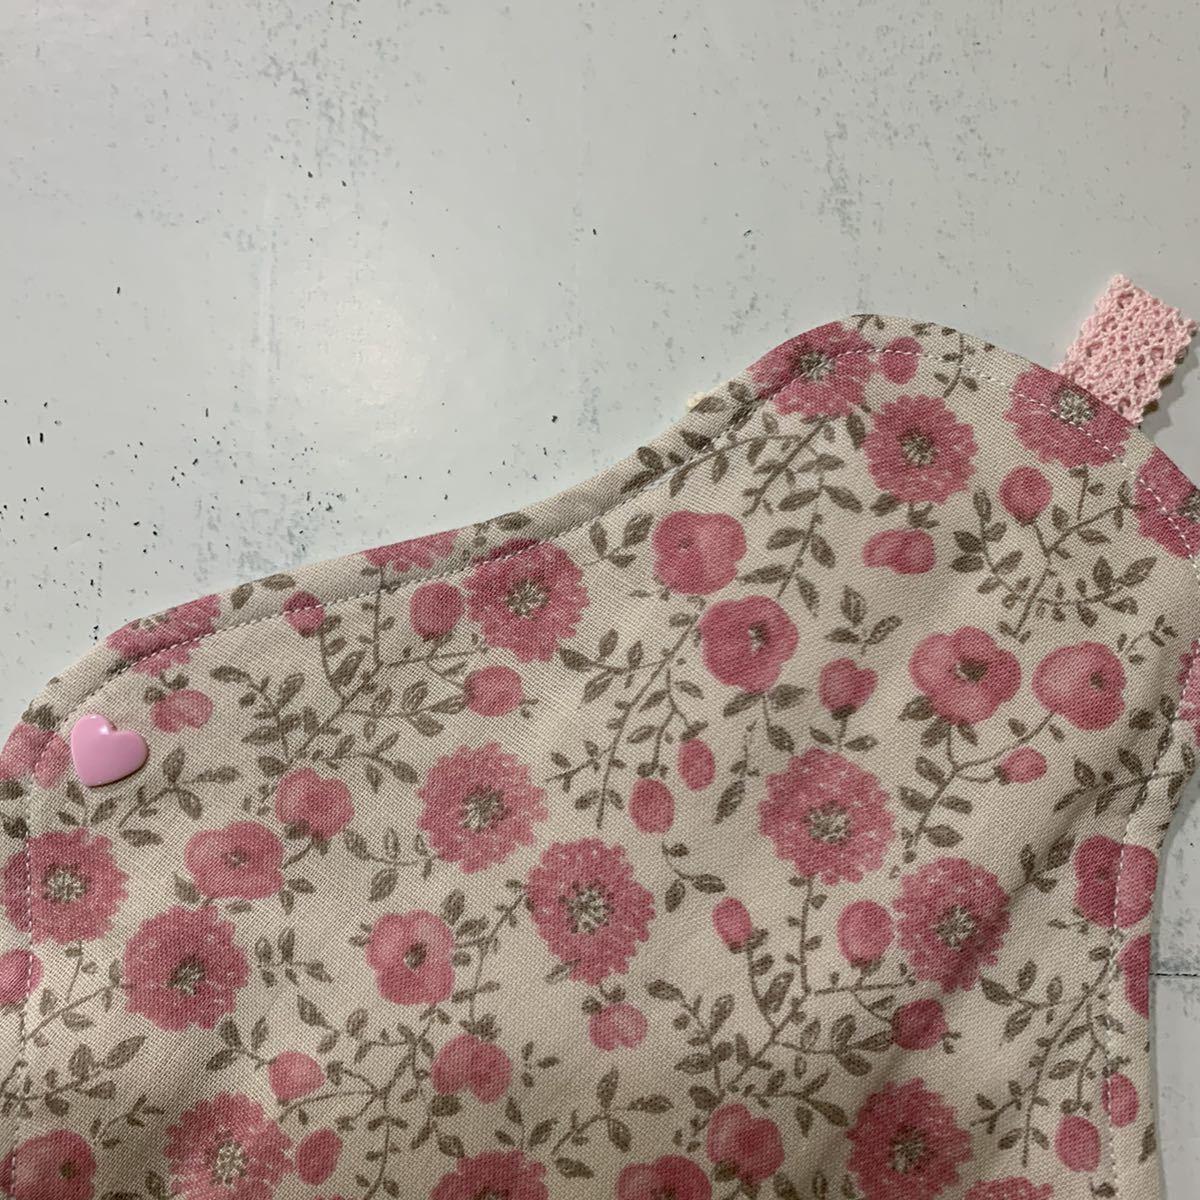 【防水なし】Lサイズ◎ハンドメイド◎布ナプキン◎ホルダー 26.5cm 花柄ピンク(プラスナップ/無漂白ネル・Wガーゼ)_画像3